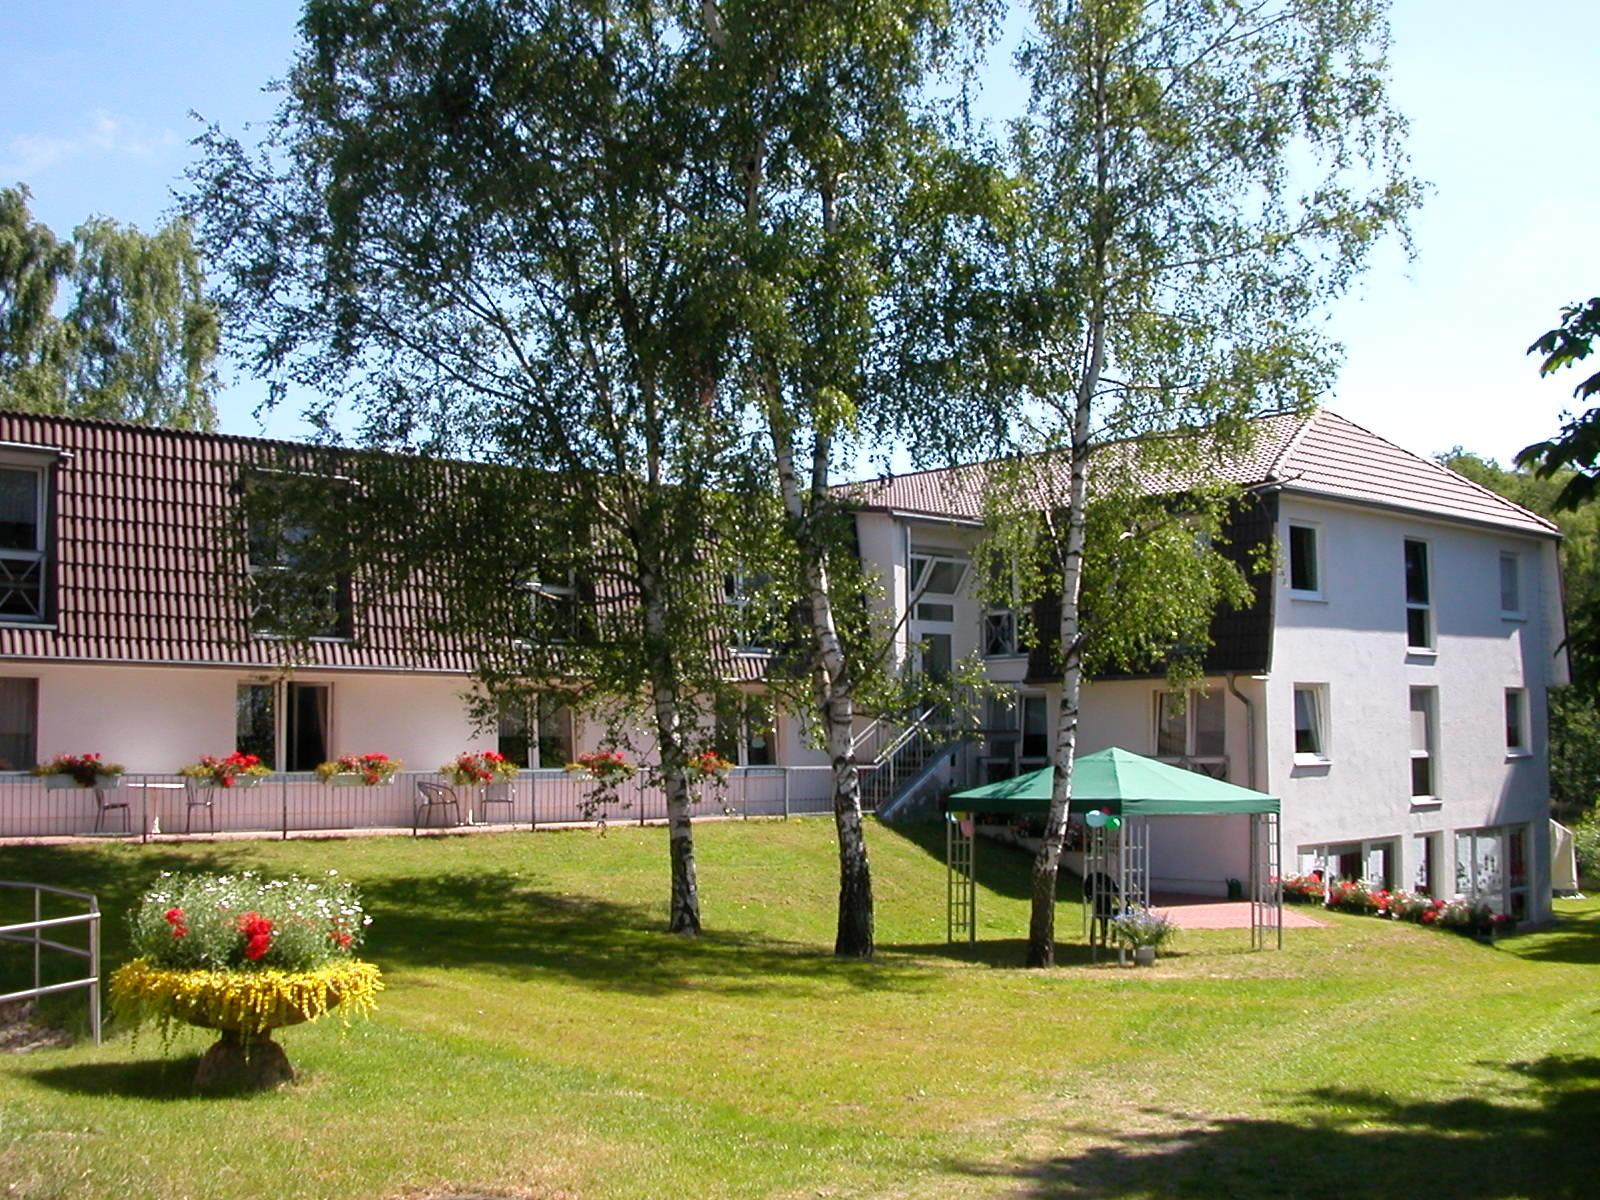 Behringer Wohn- und Pflegeheim Wacholderpark